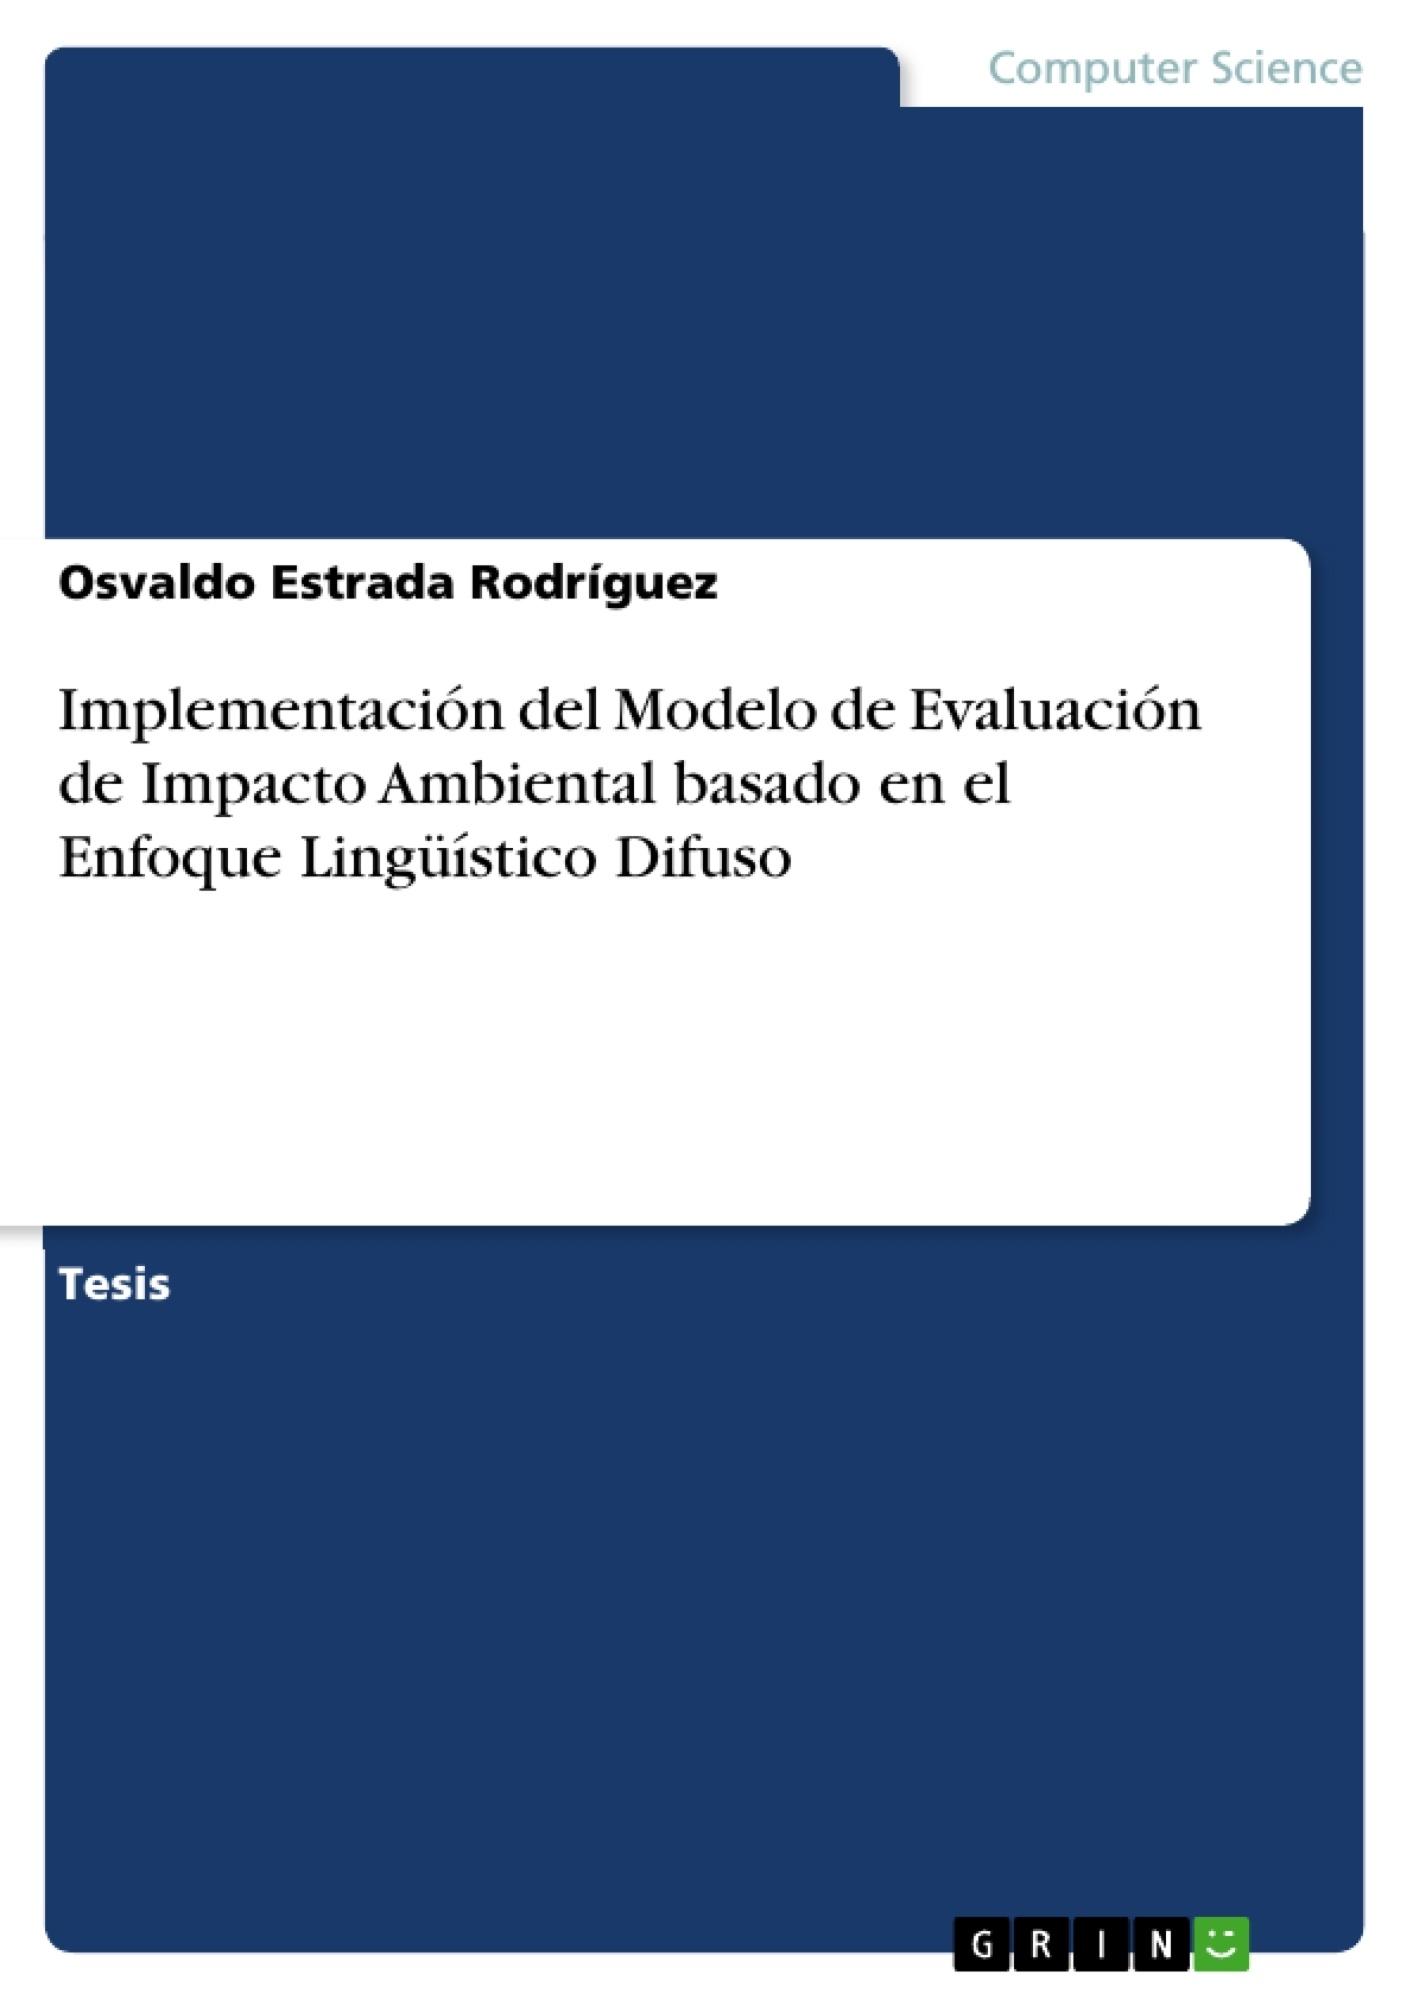 Título: Implementación del Modelo de Evaluación de Impacto Ambiental basado en el Enfoque Lingüístico Difuso